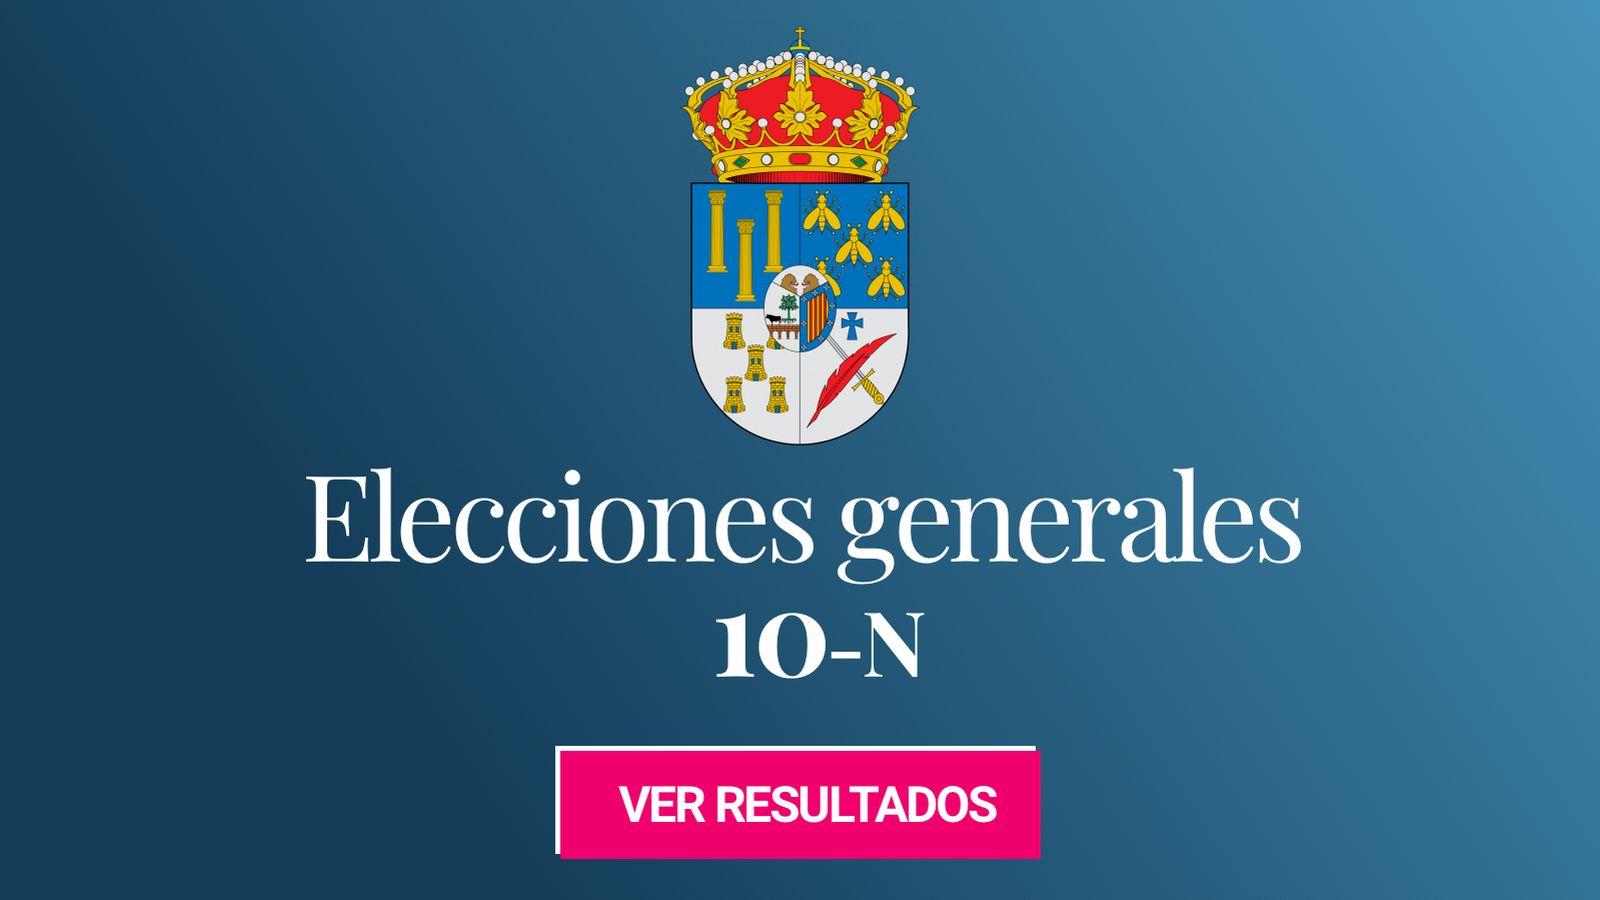 Foto: Elecciones generales 2019 en la provincia de Salamanca. (C.C./HansenBCN)